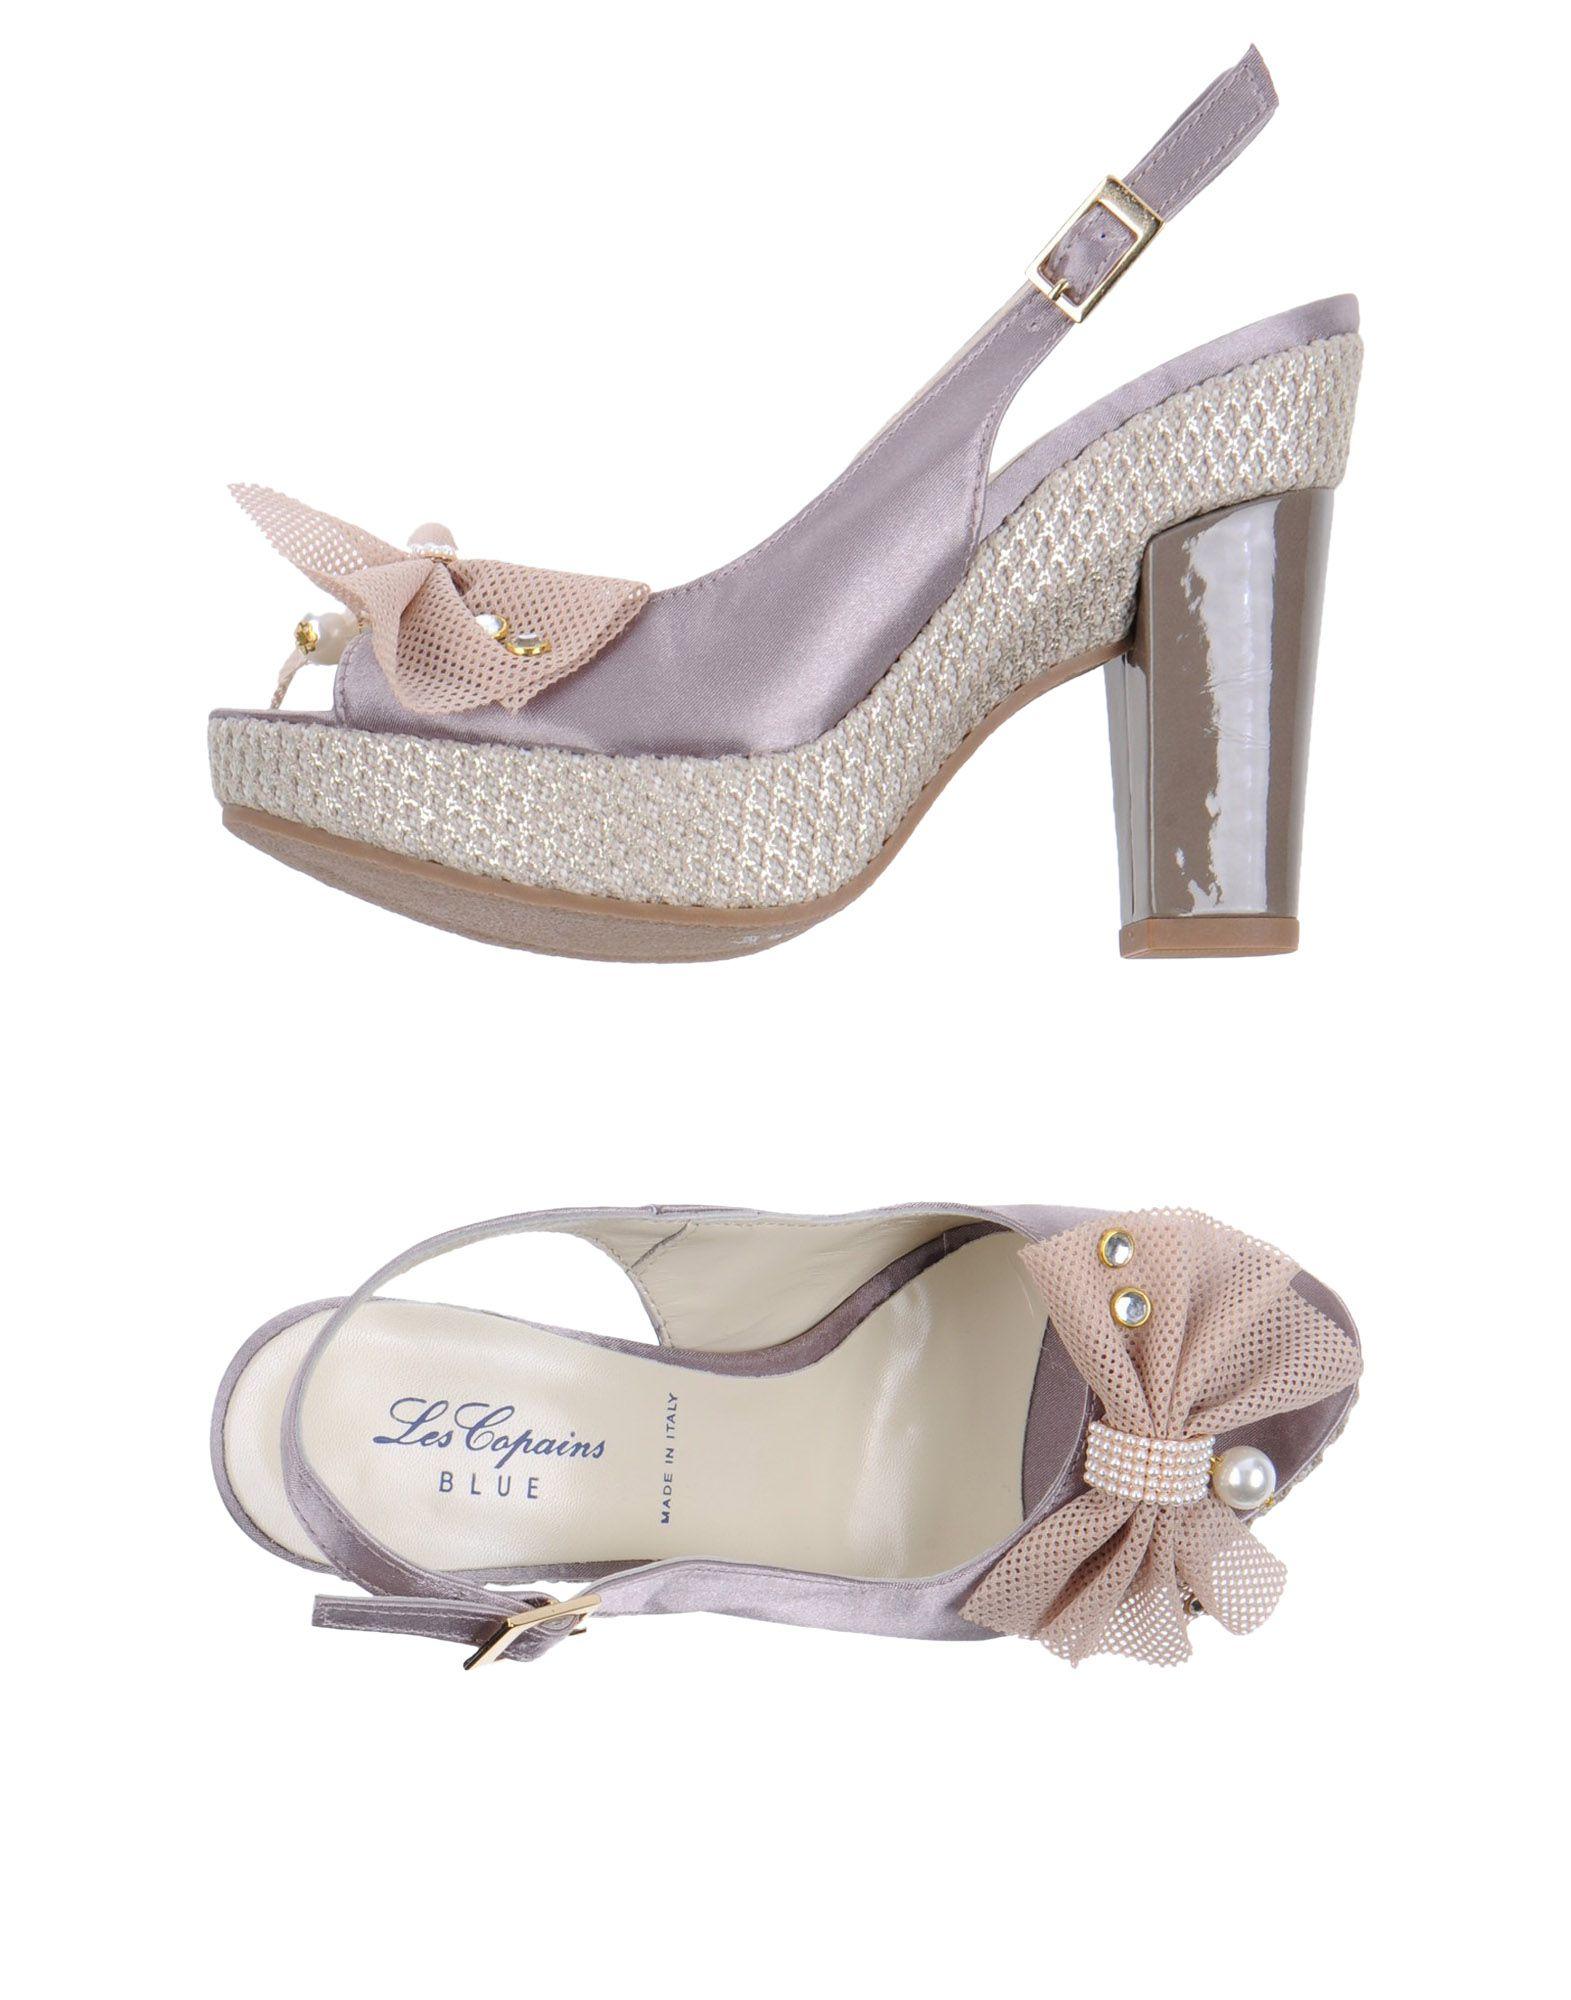 FOOTWEAR - Sandals Blue Les Copains Sale Factory Outlet Shop Offer For Sale vv2SZClrgJ